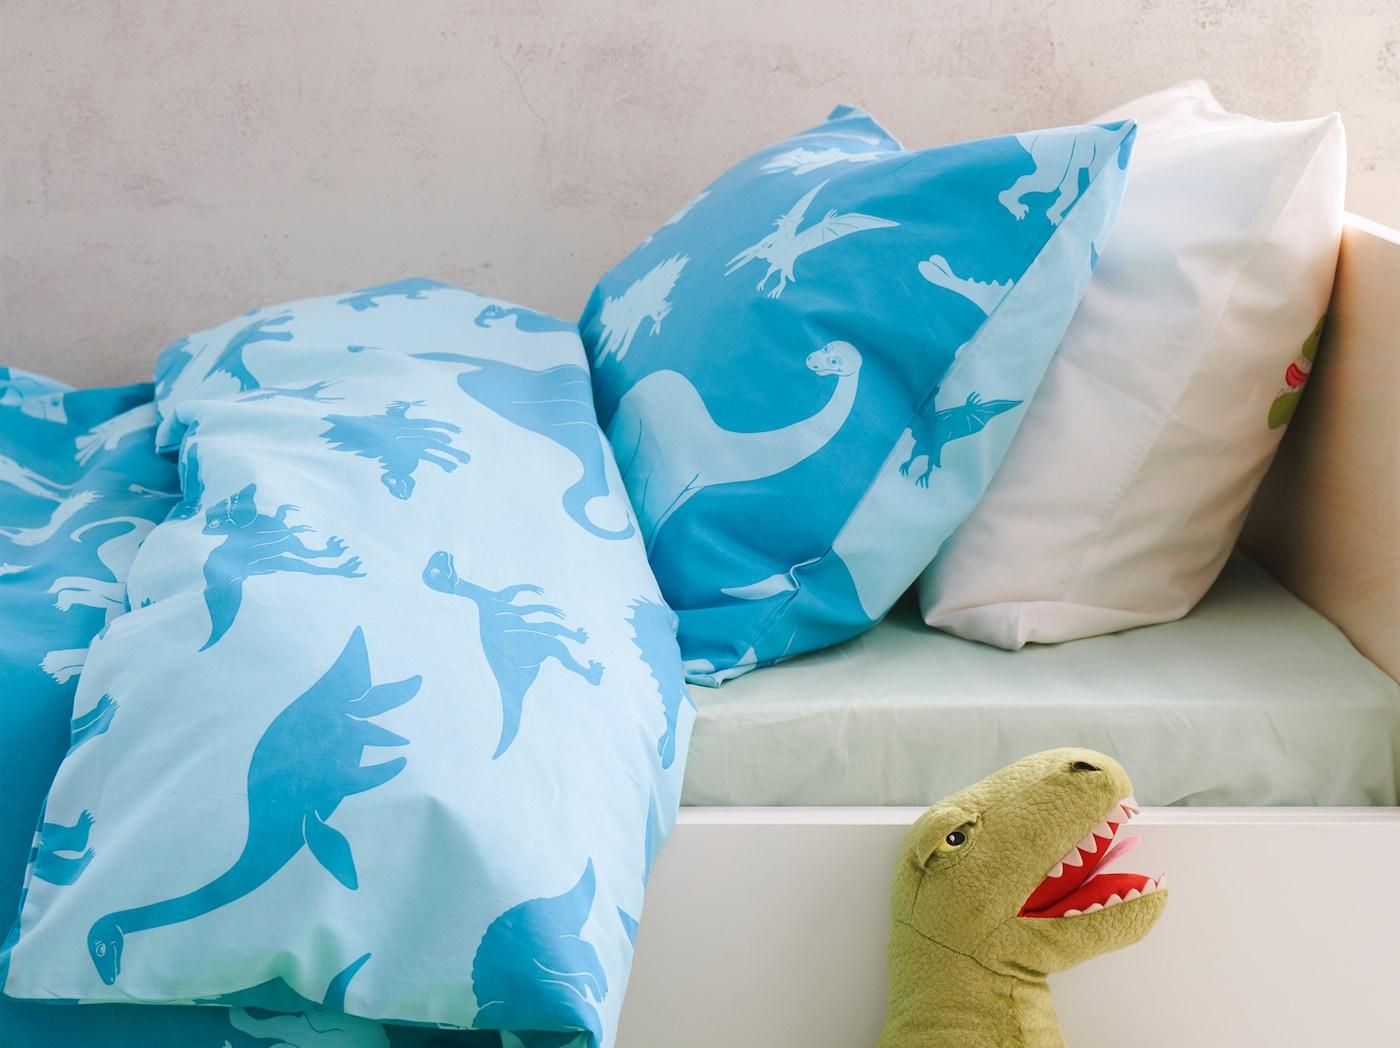 両面に恐竜の模様がプリントされたブルーのJÄTTELIK/イェッテリク 掛け布団カバー。ソフトトイの恐竜がベッドの脇から頭を出しています。